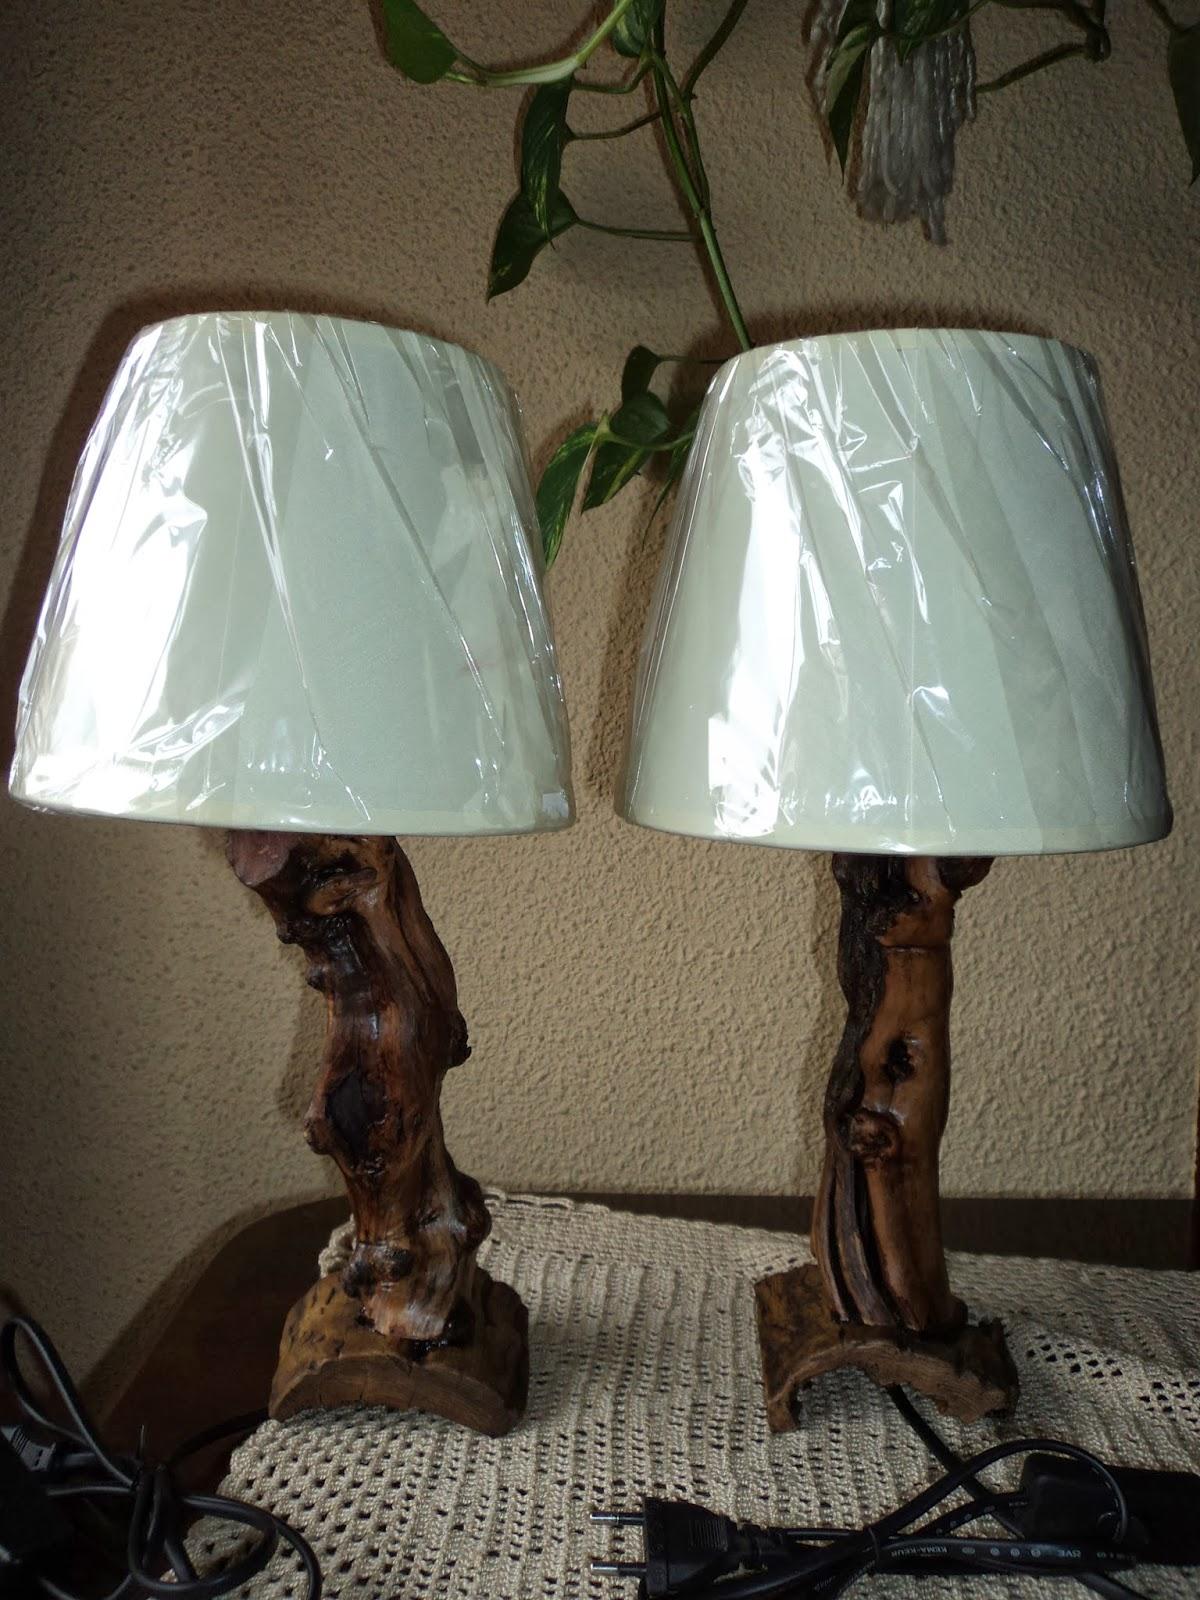 Vidluminart lamparas de cepa habitaci n 007 - Lamparas de habitacion de matrimonio ...